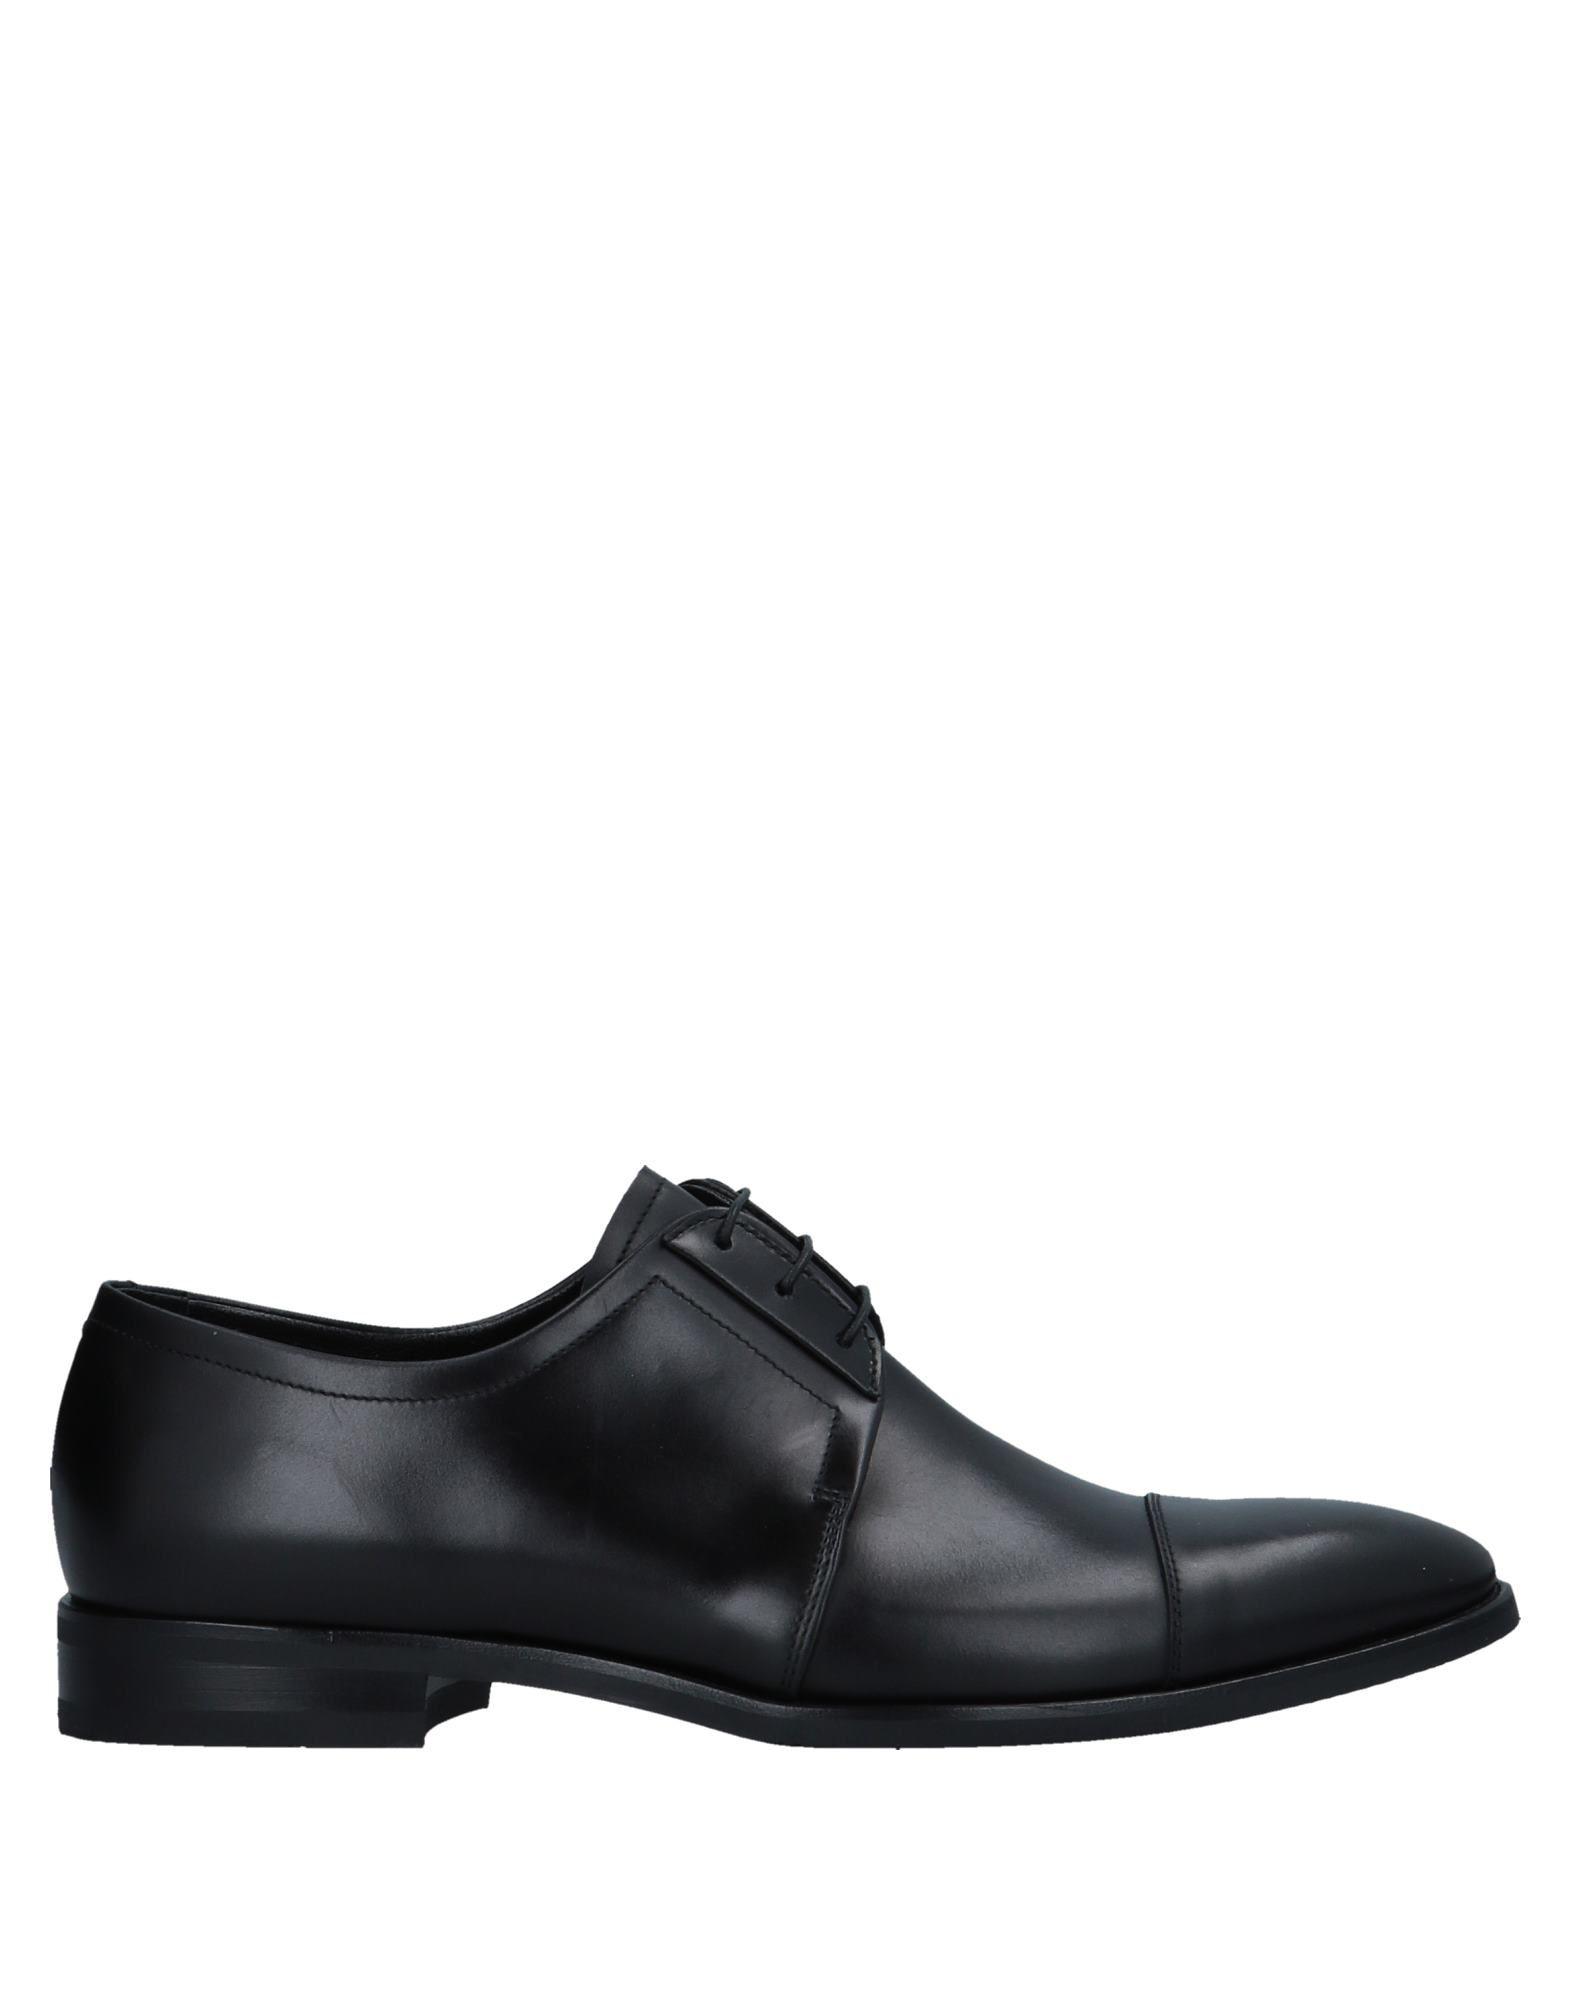 Fabi Schnürschuhe Herren  11543878CC Gute Qualität beliebte Schuhe